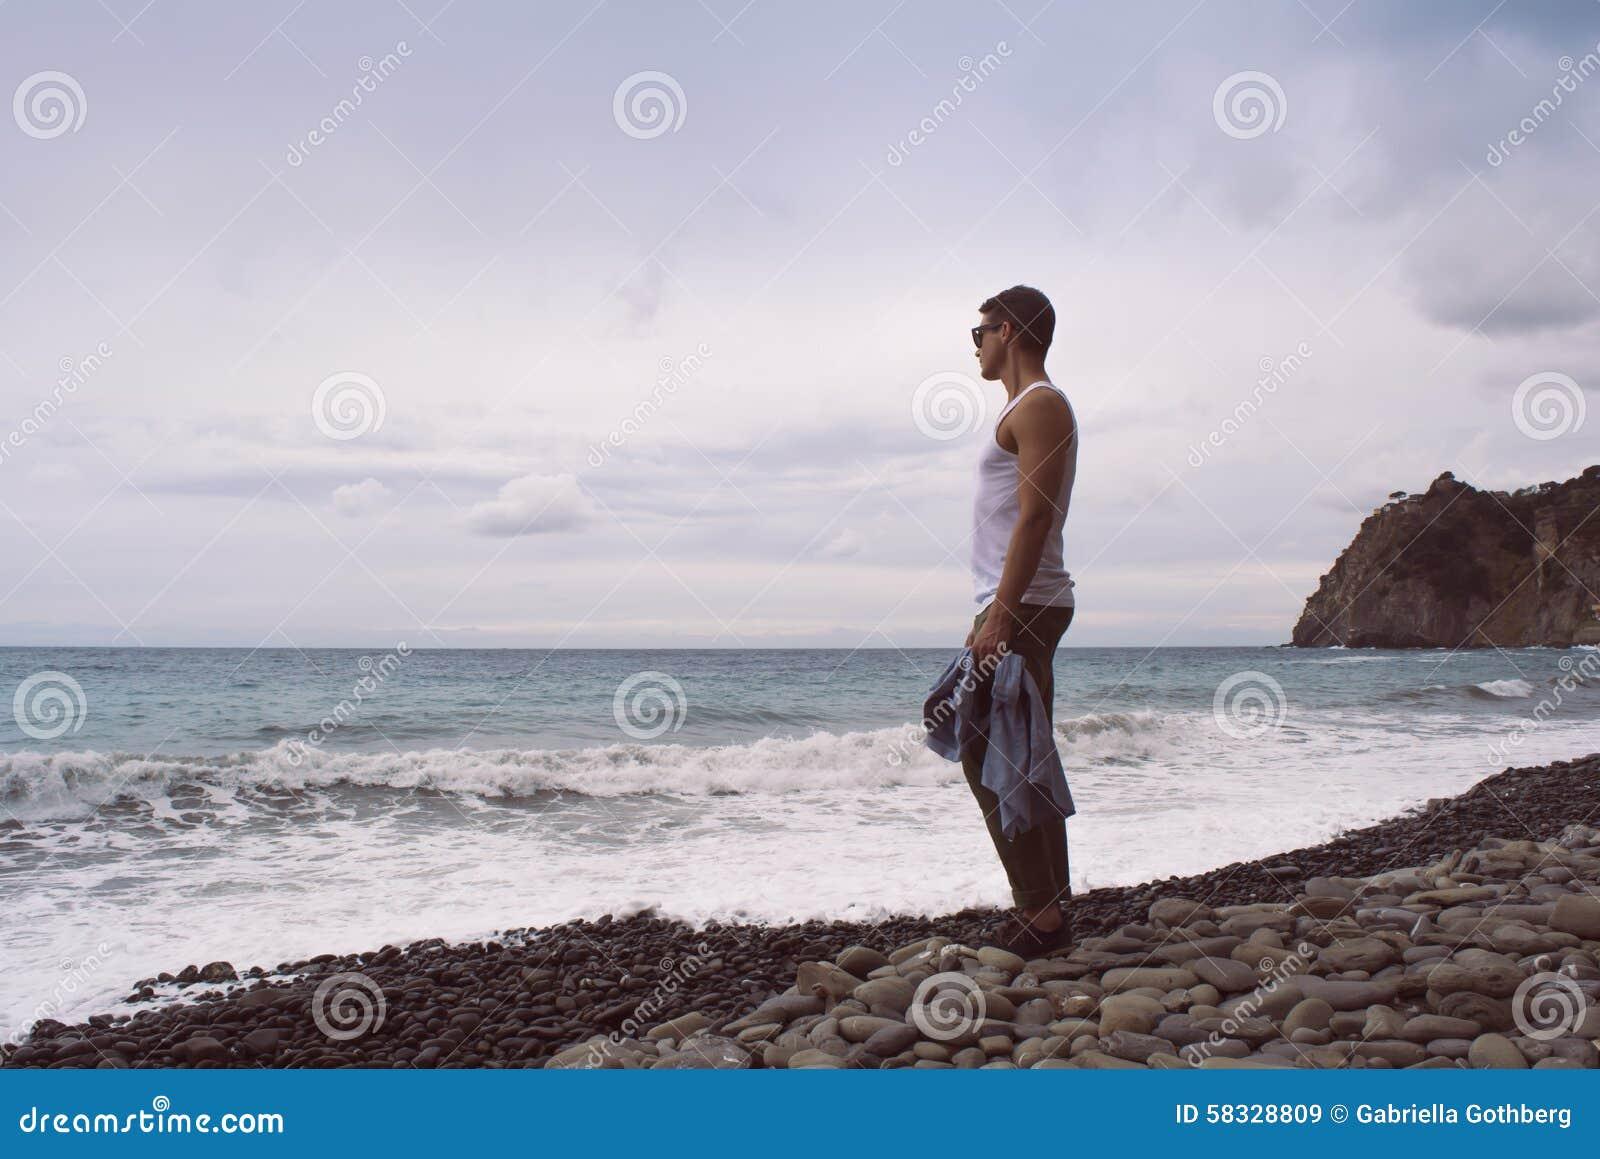 Укомплектуйте личным составом готовить волны океана на скалистом пляже